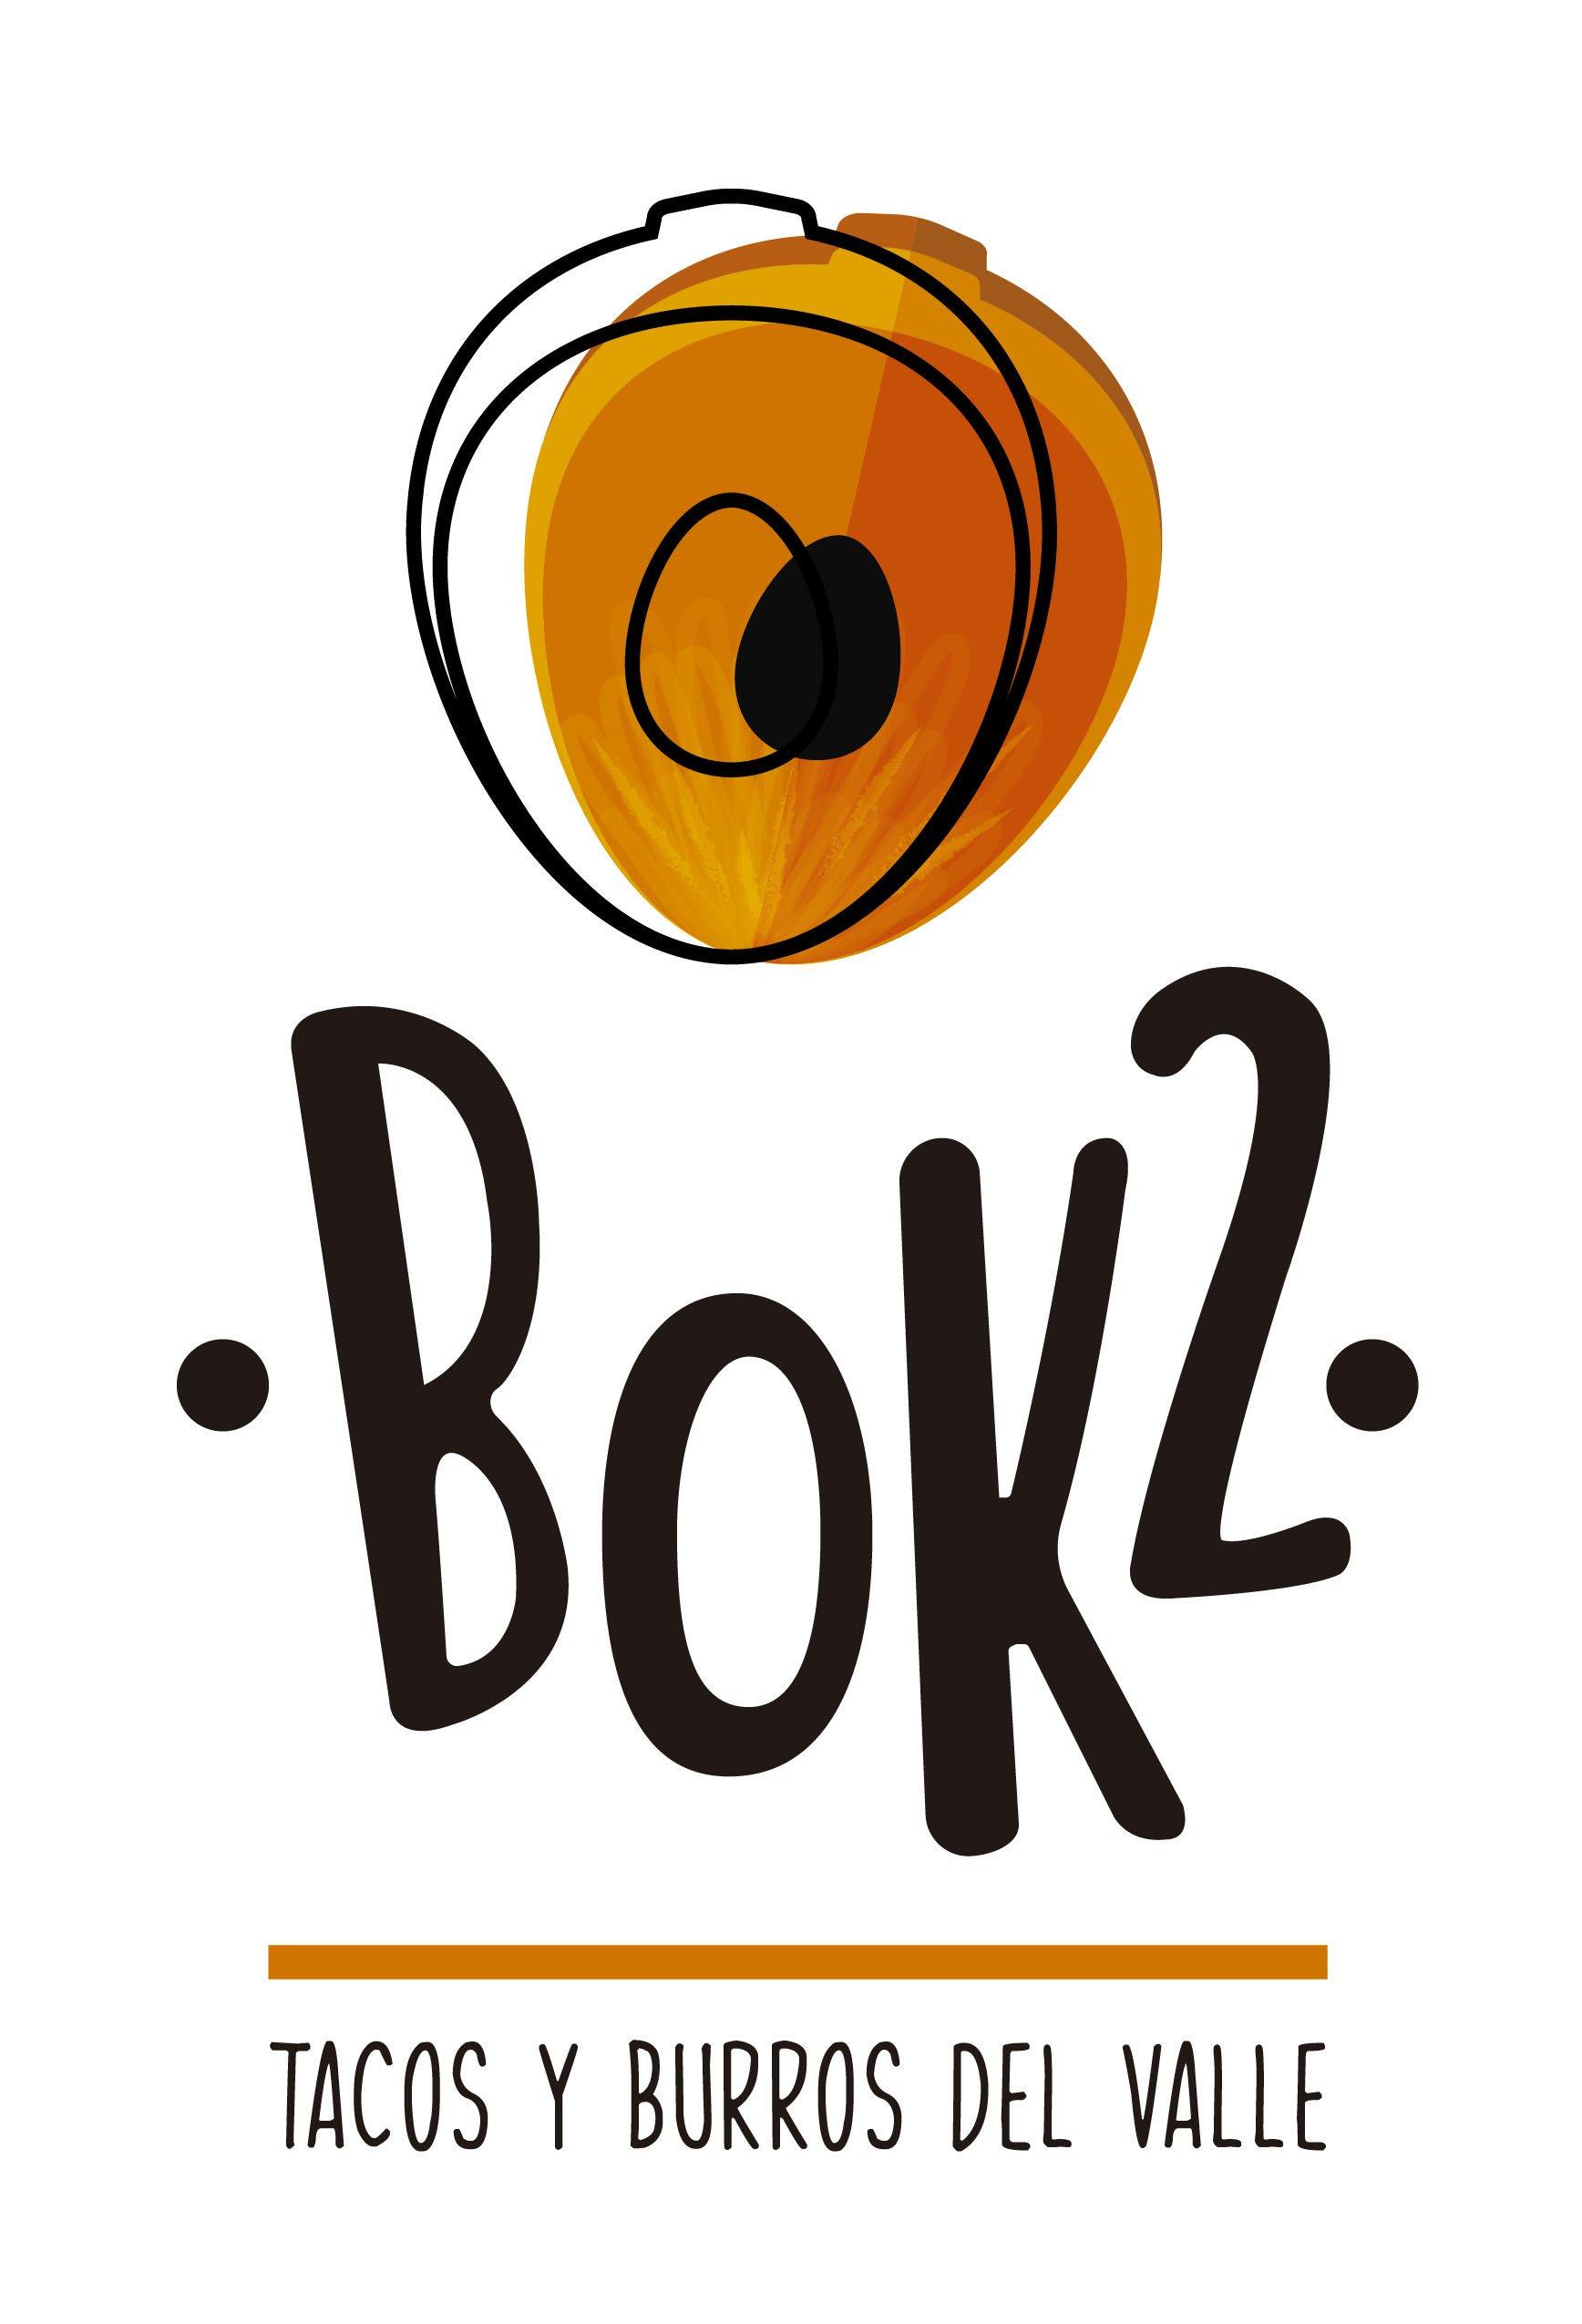 Bok2 Tacos y Burros del Valle